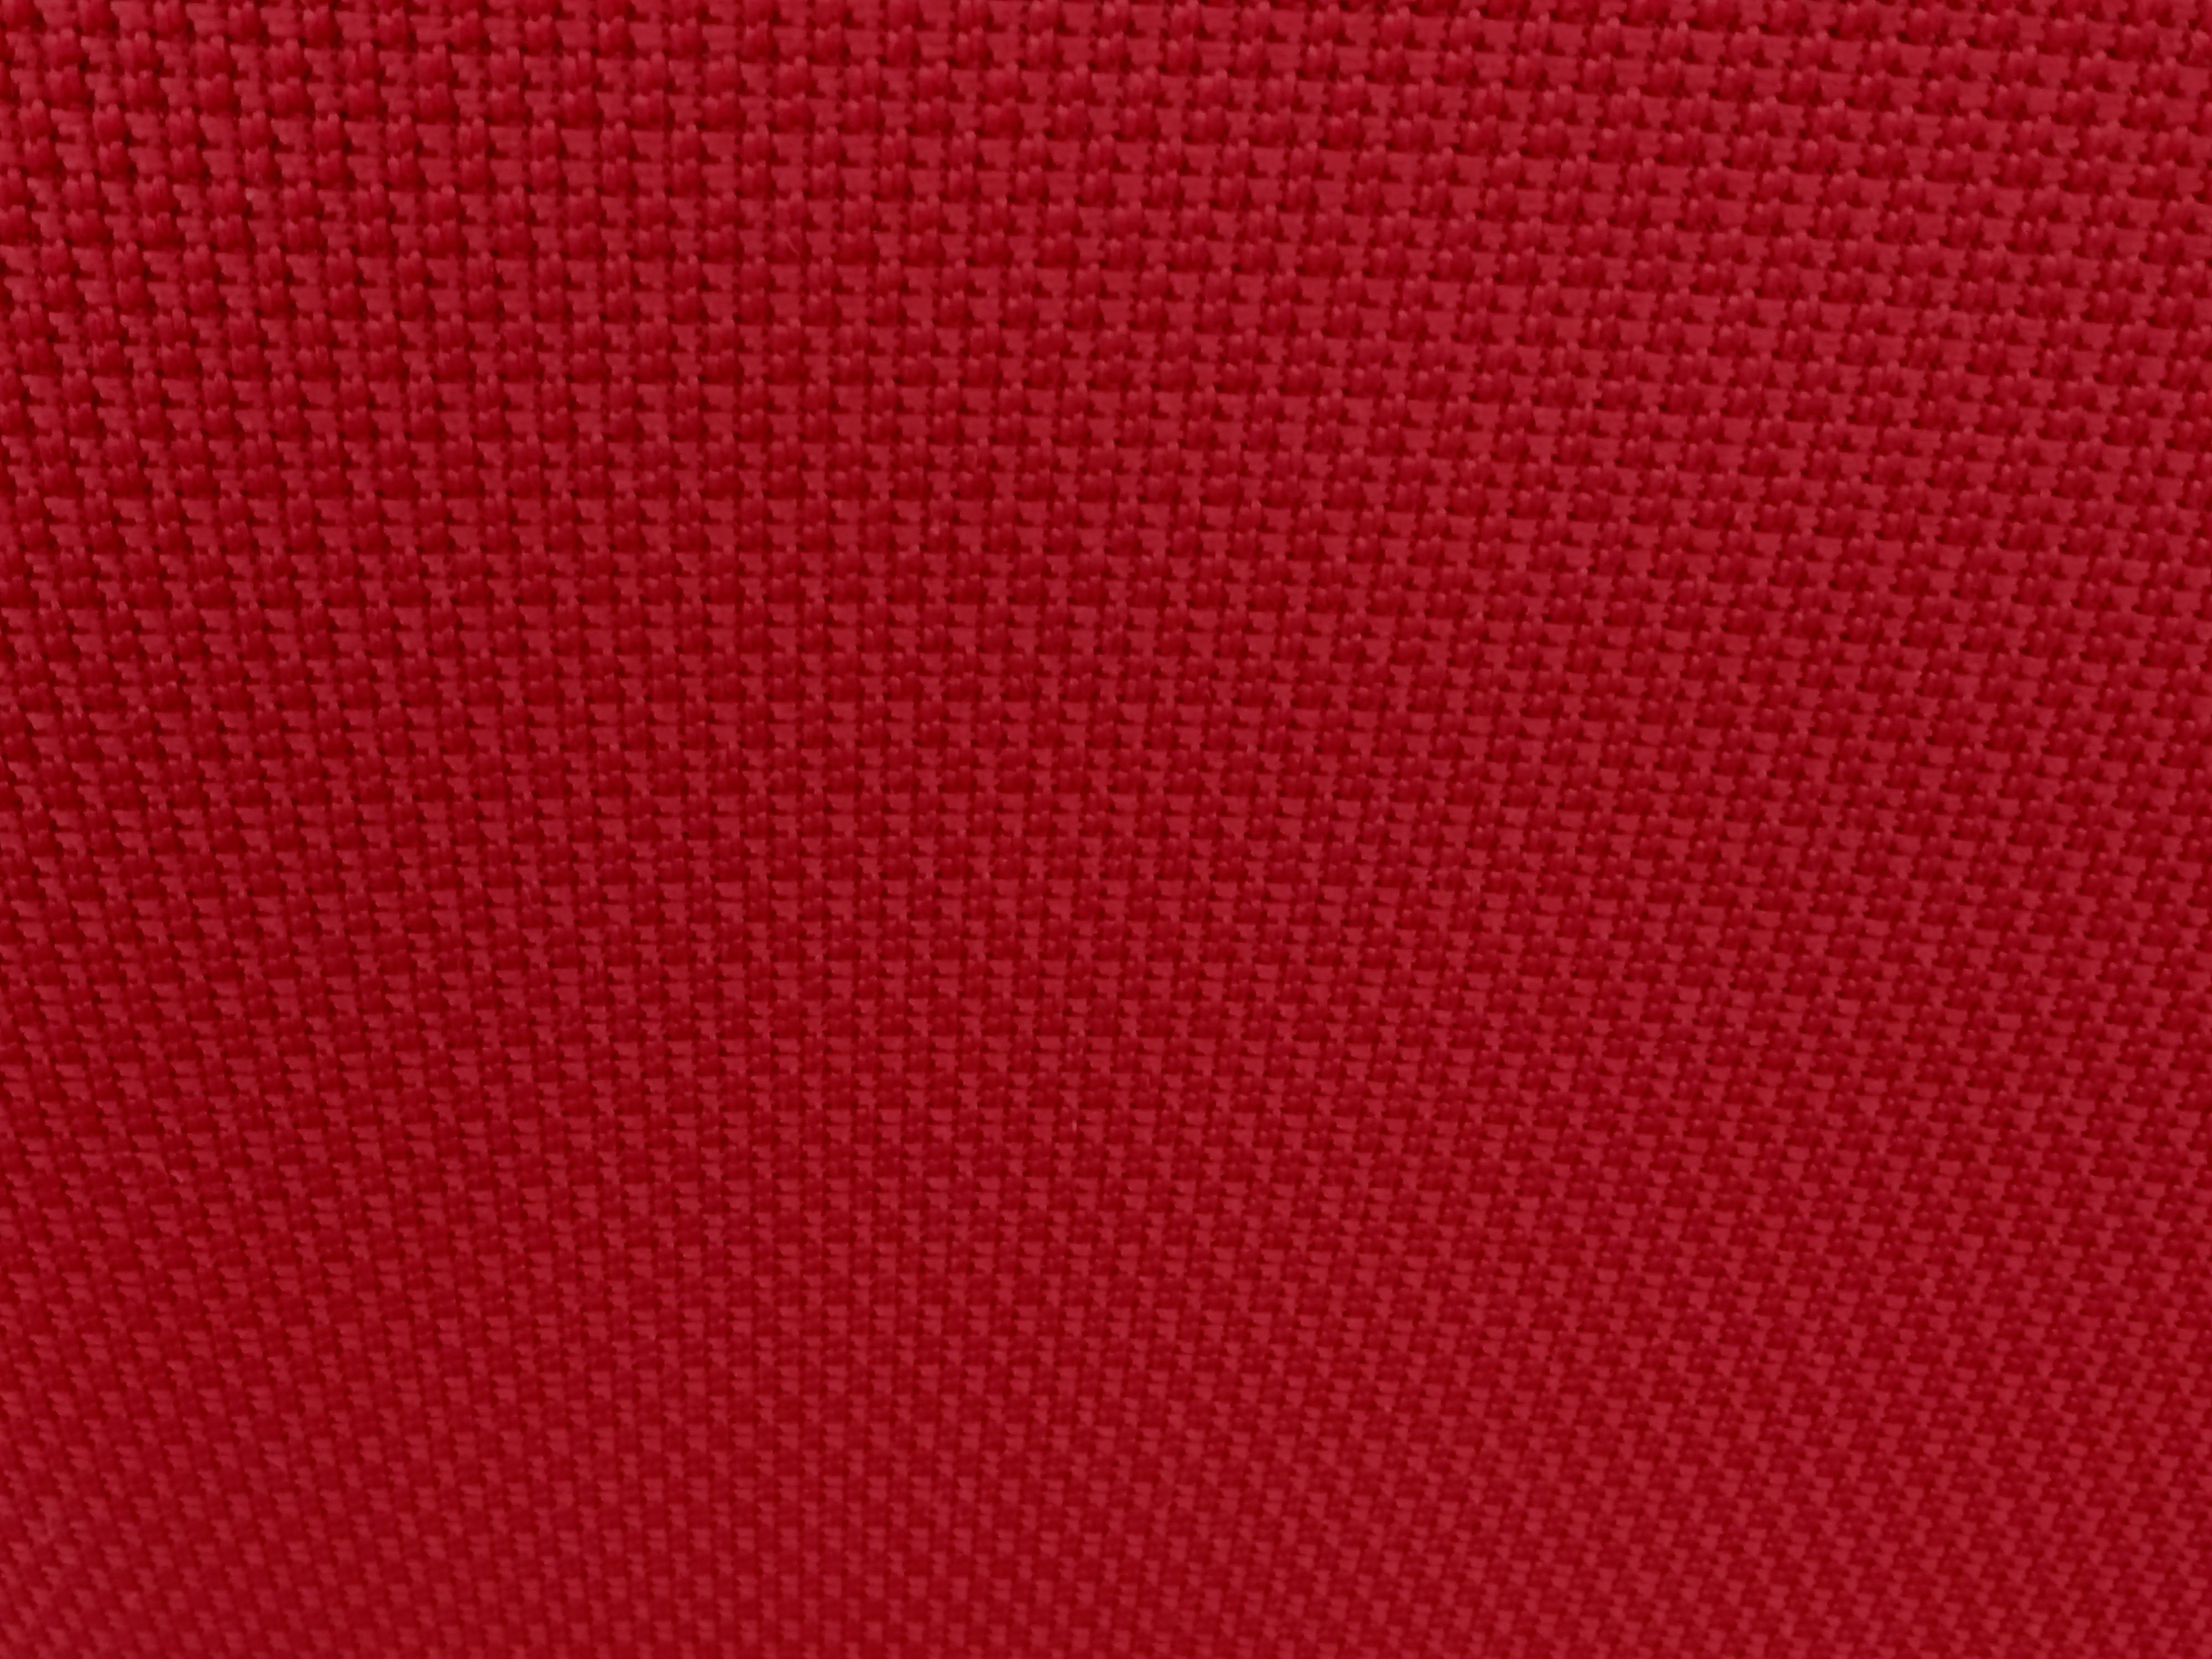 בד אדום אביב 12